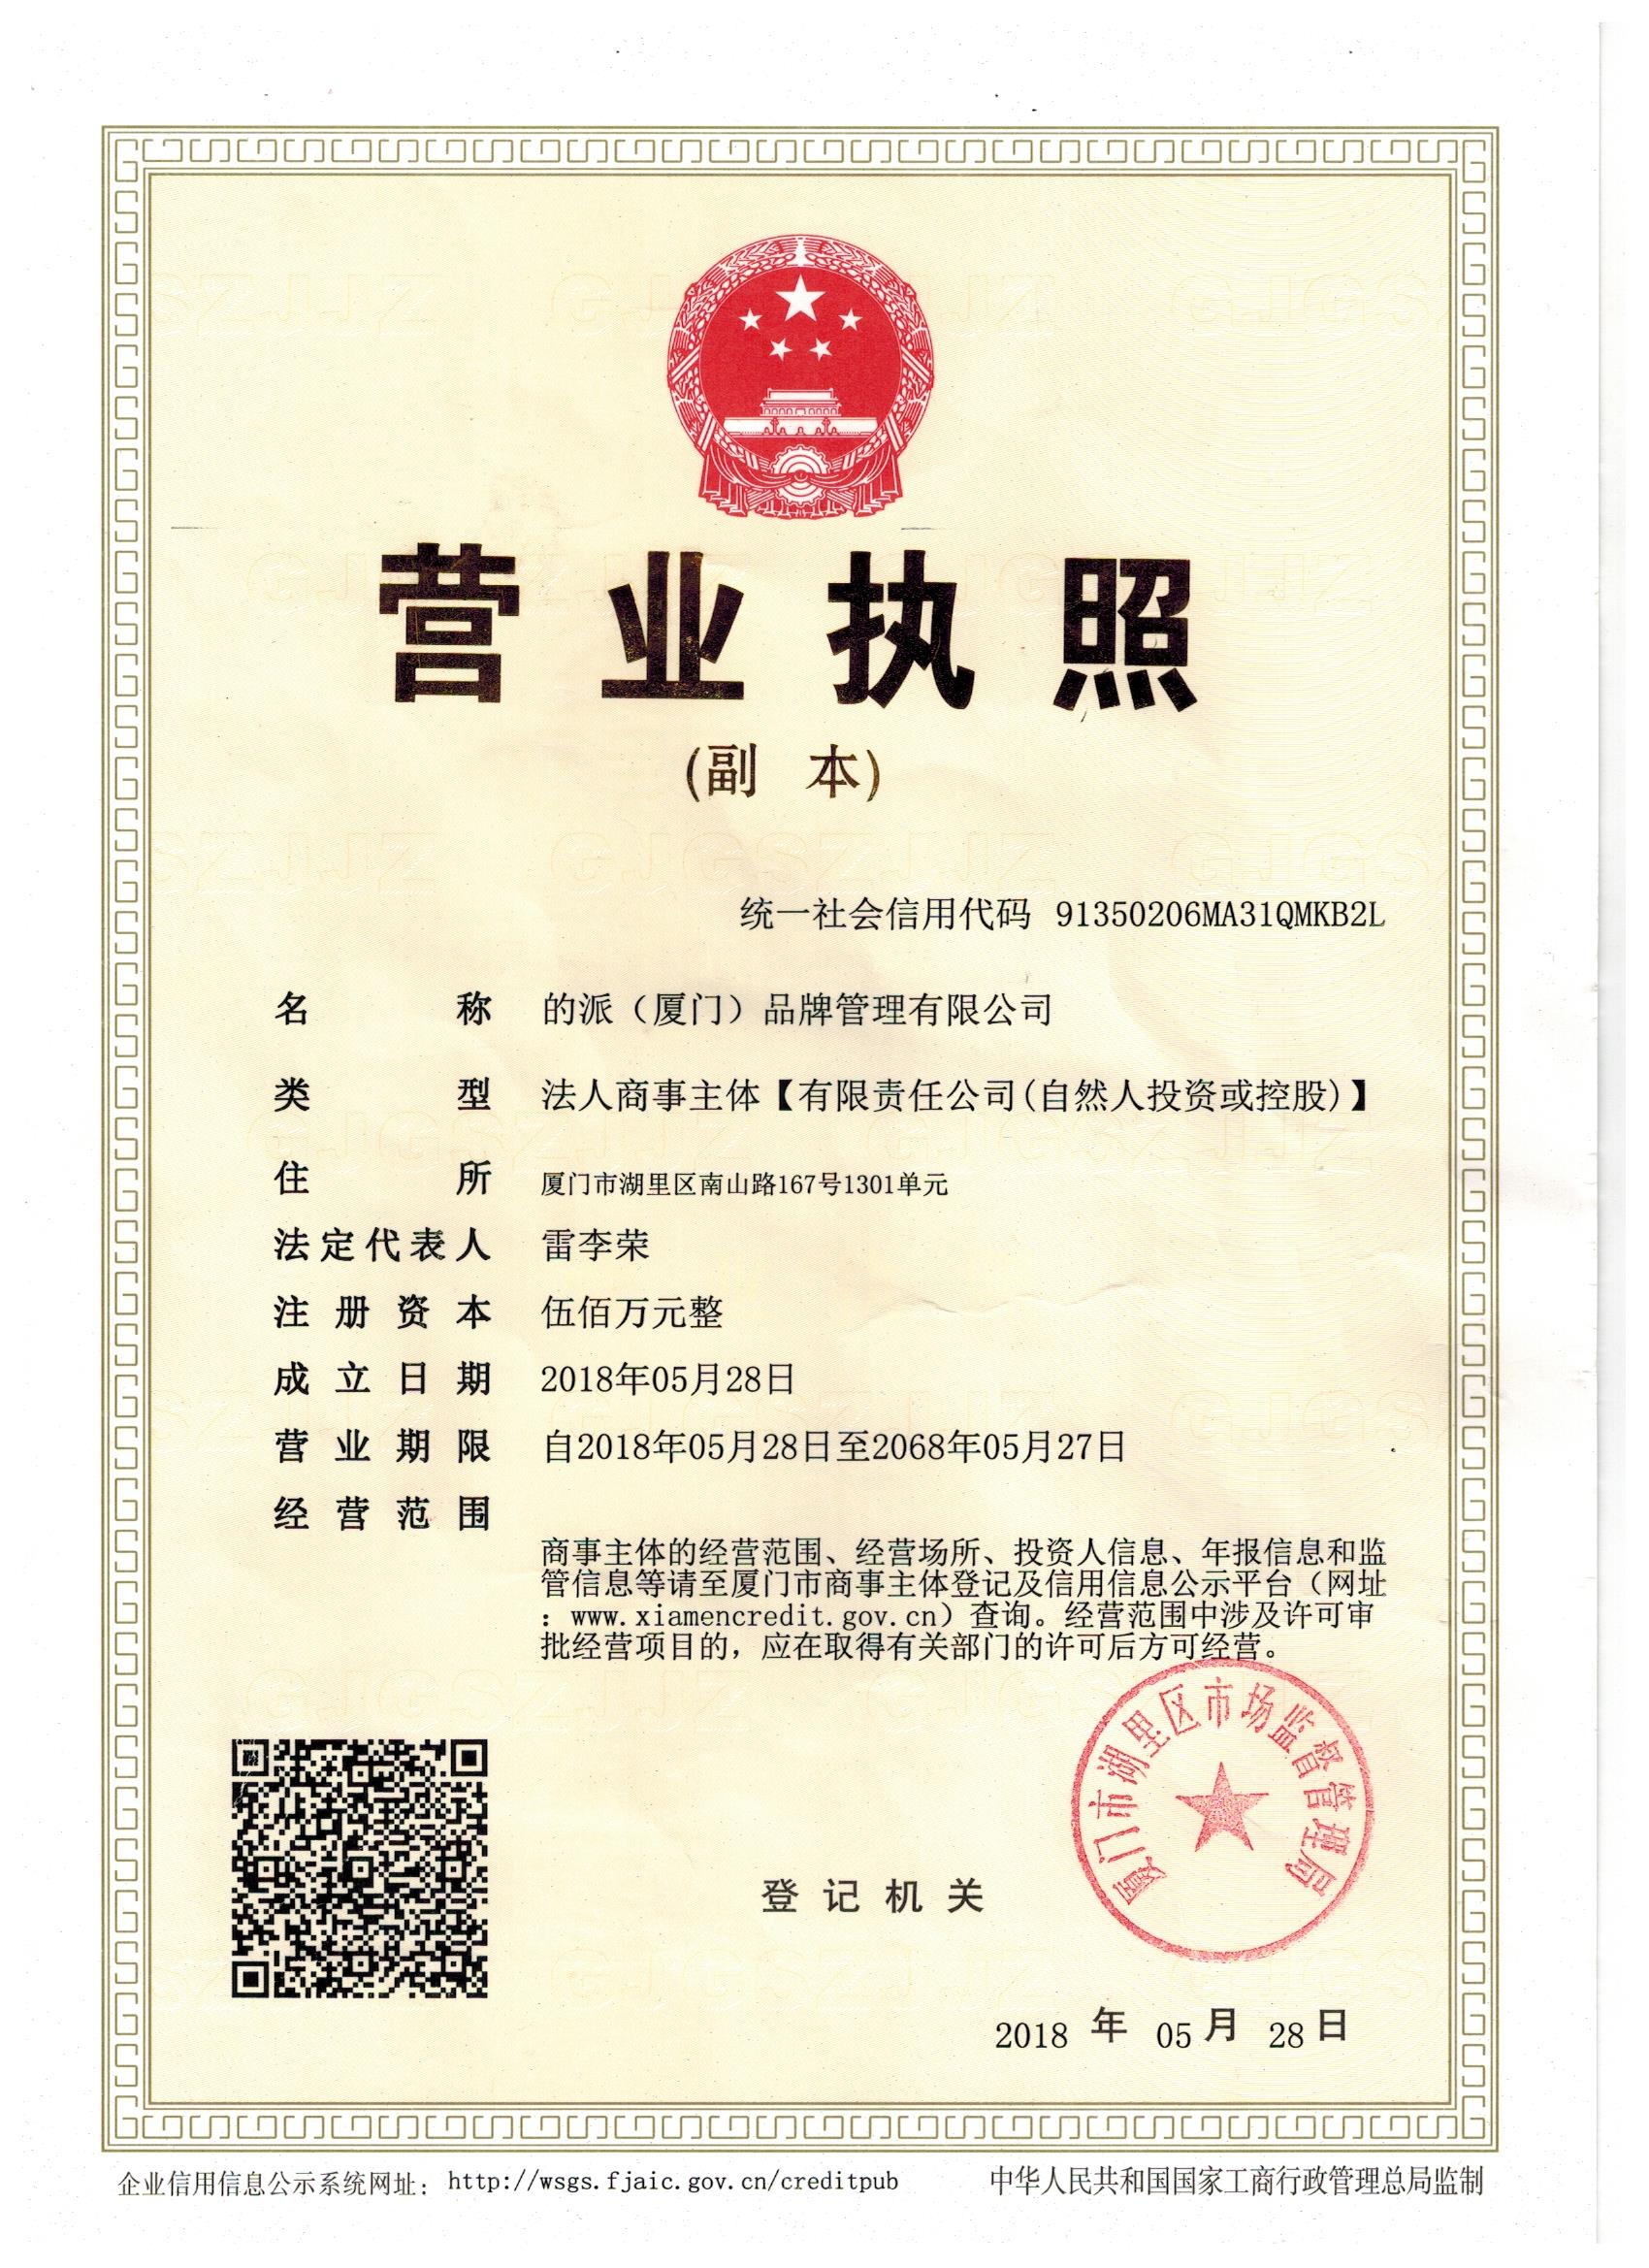 的派(厦门)品牌管理有限公司企业档案